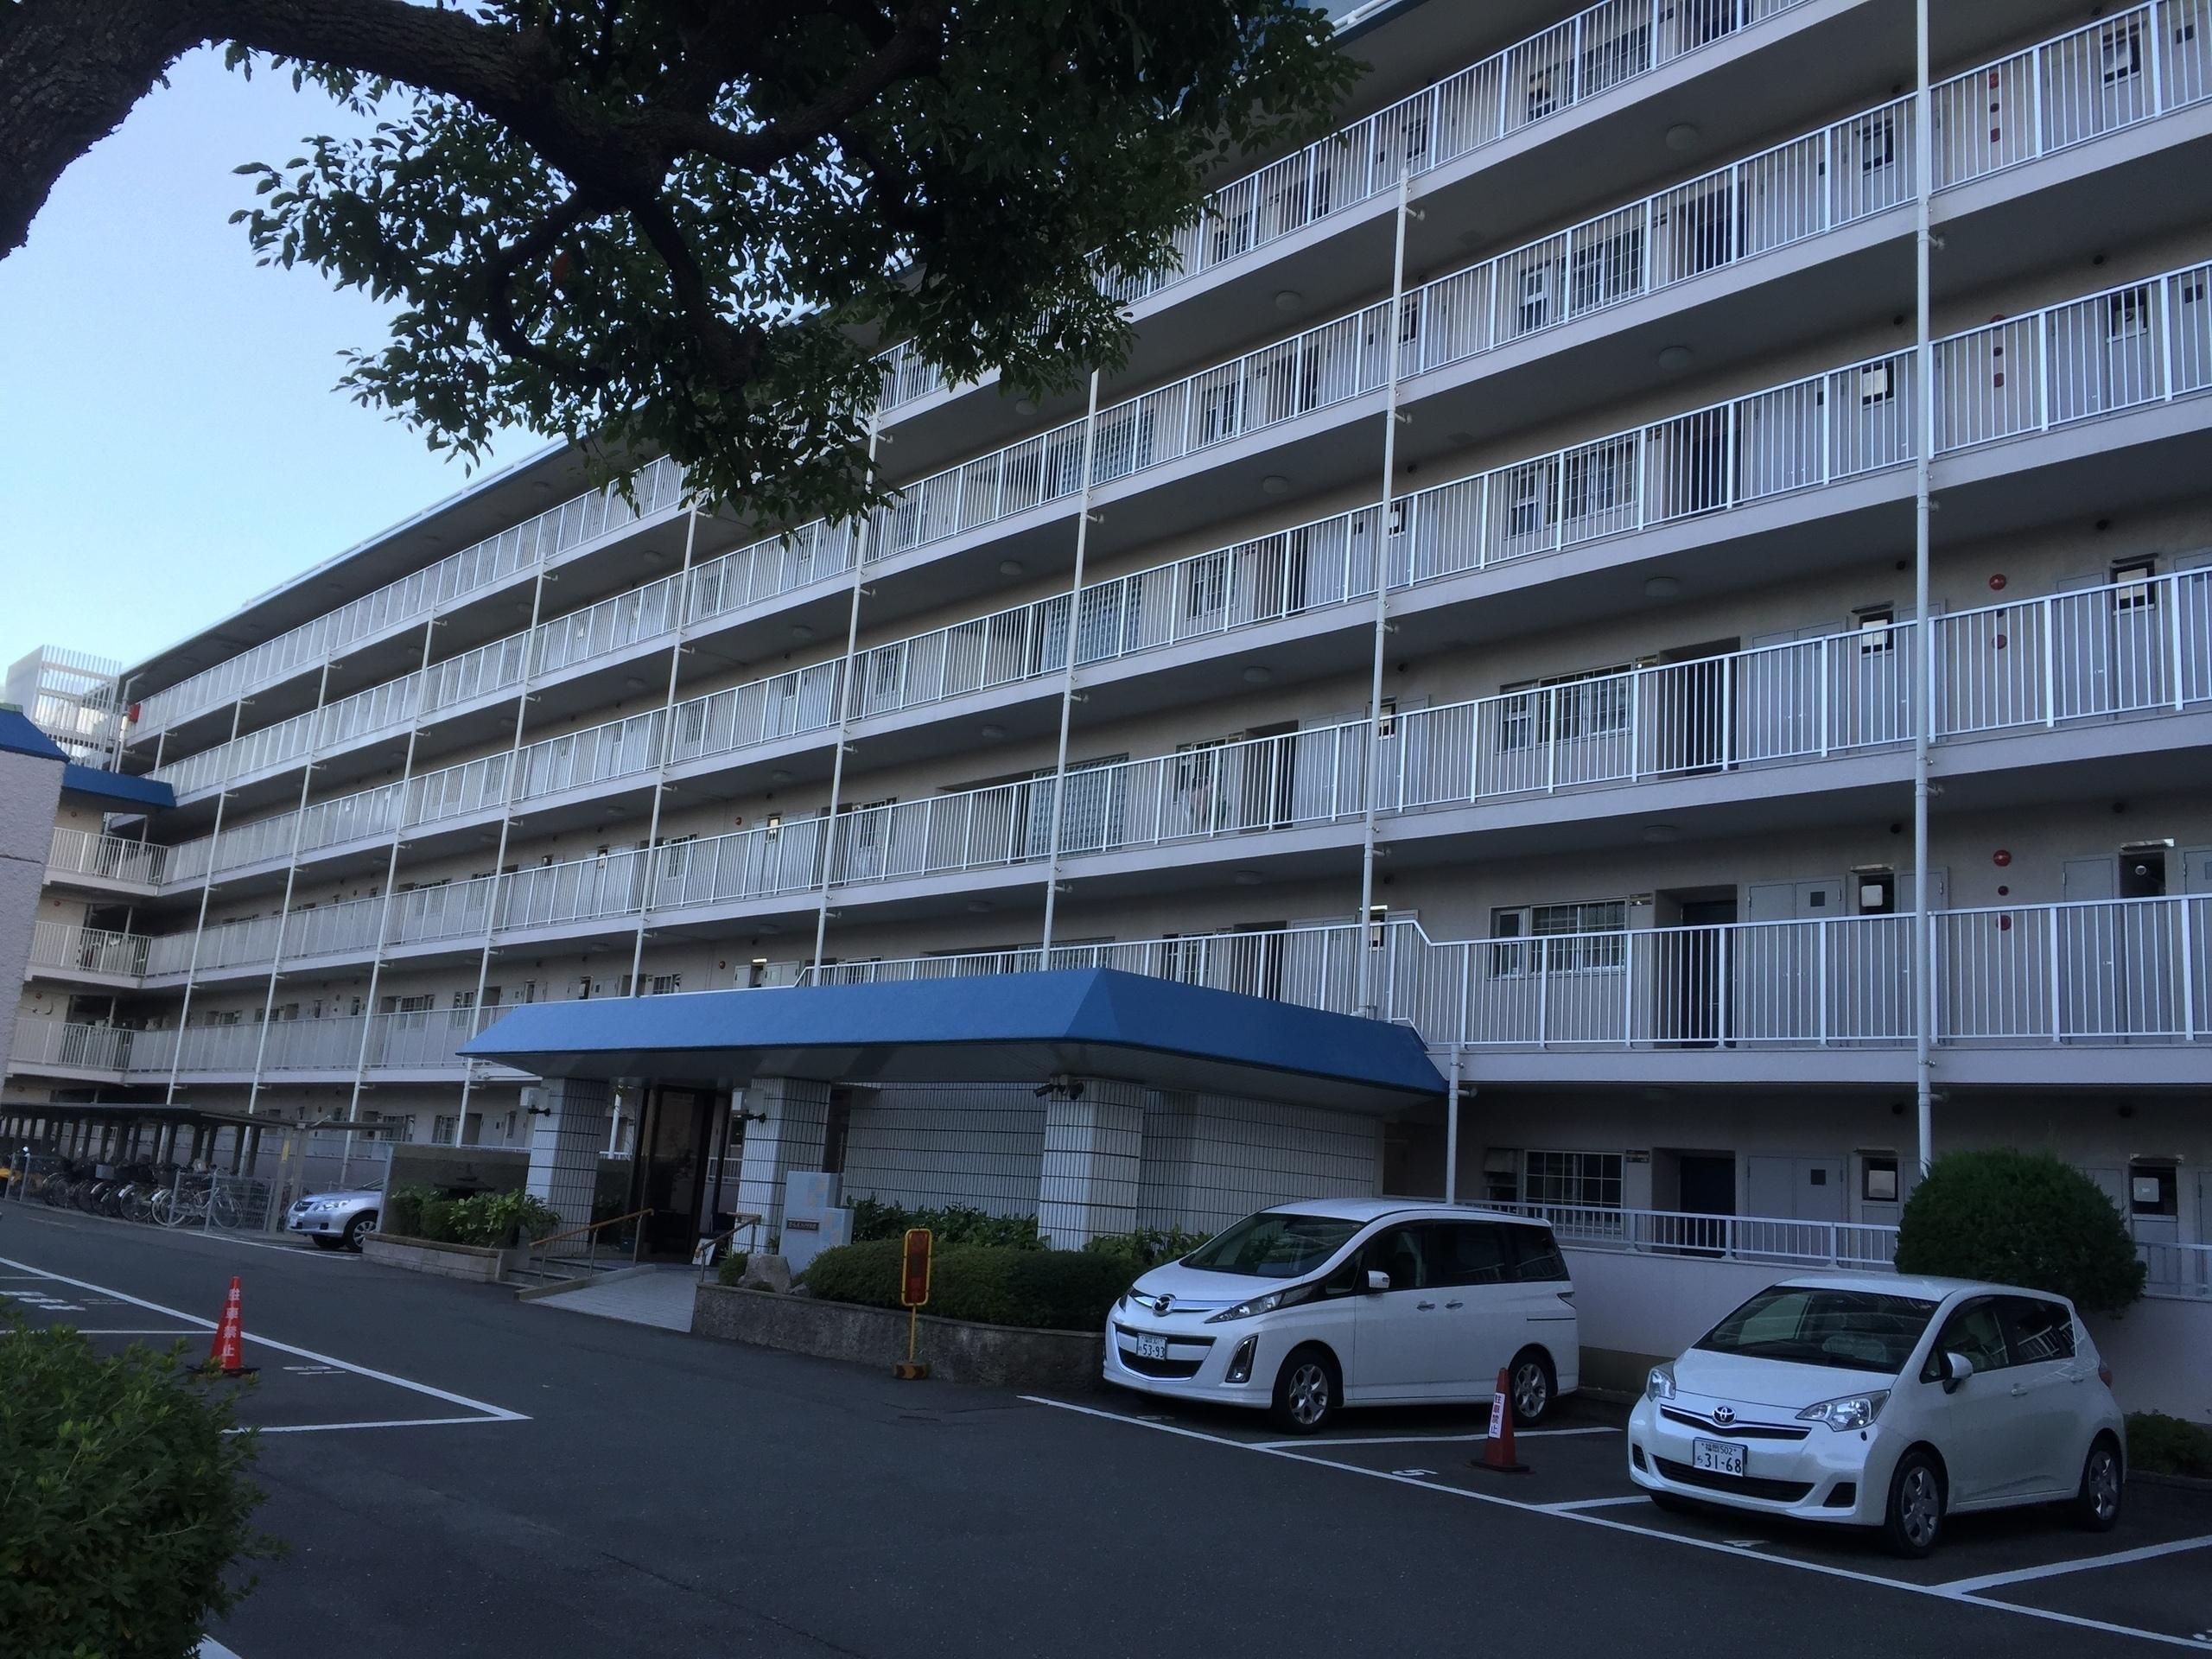 【外観写真】 107戸の大きなマンション 6階建て